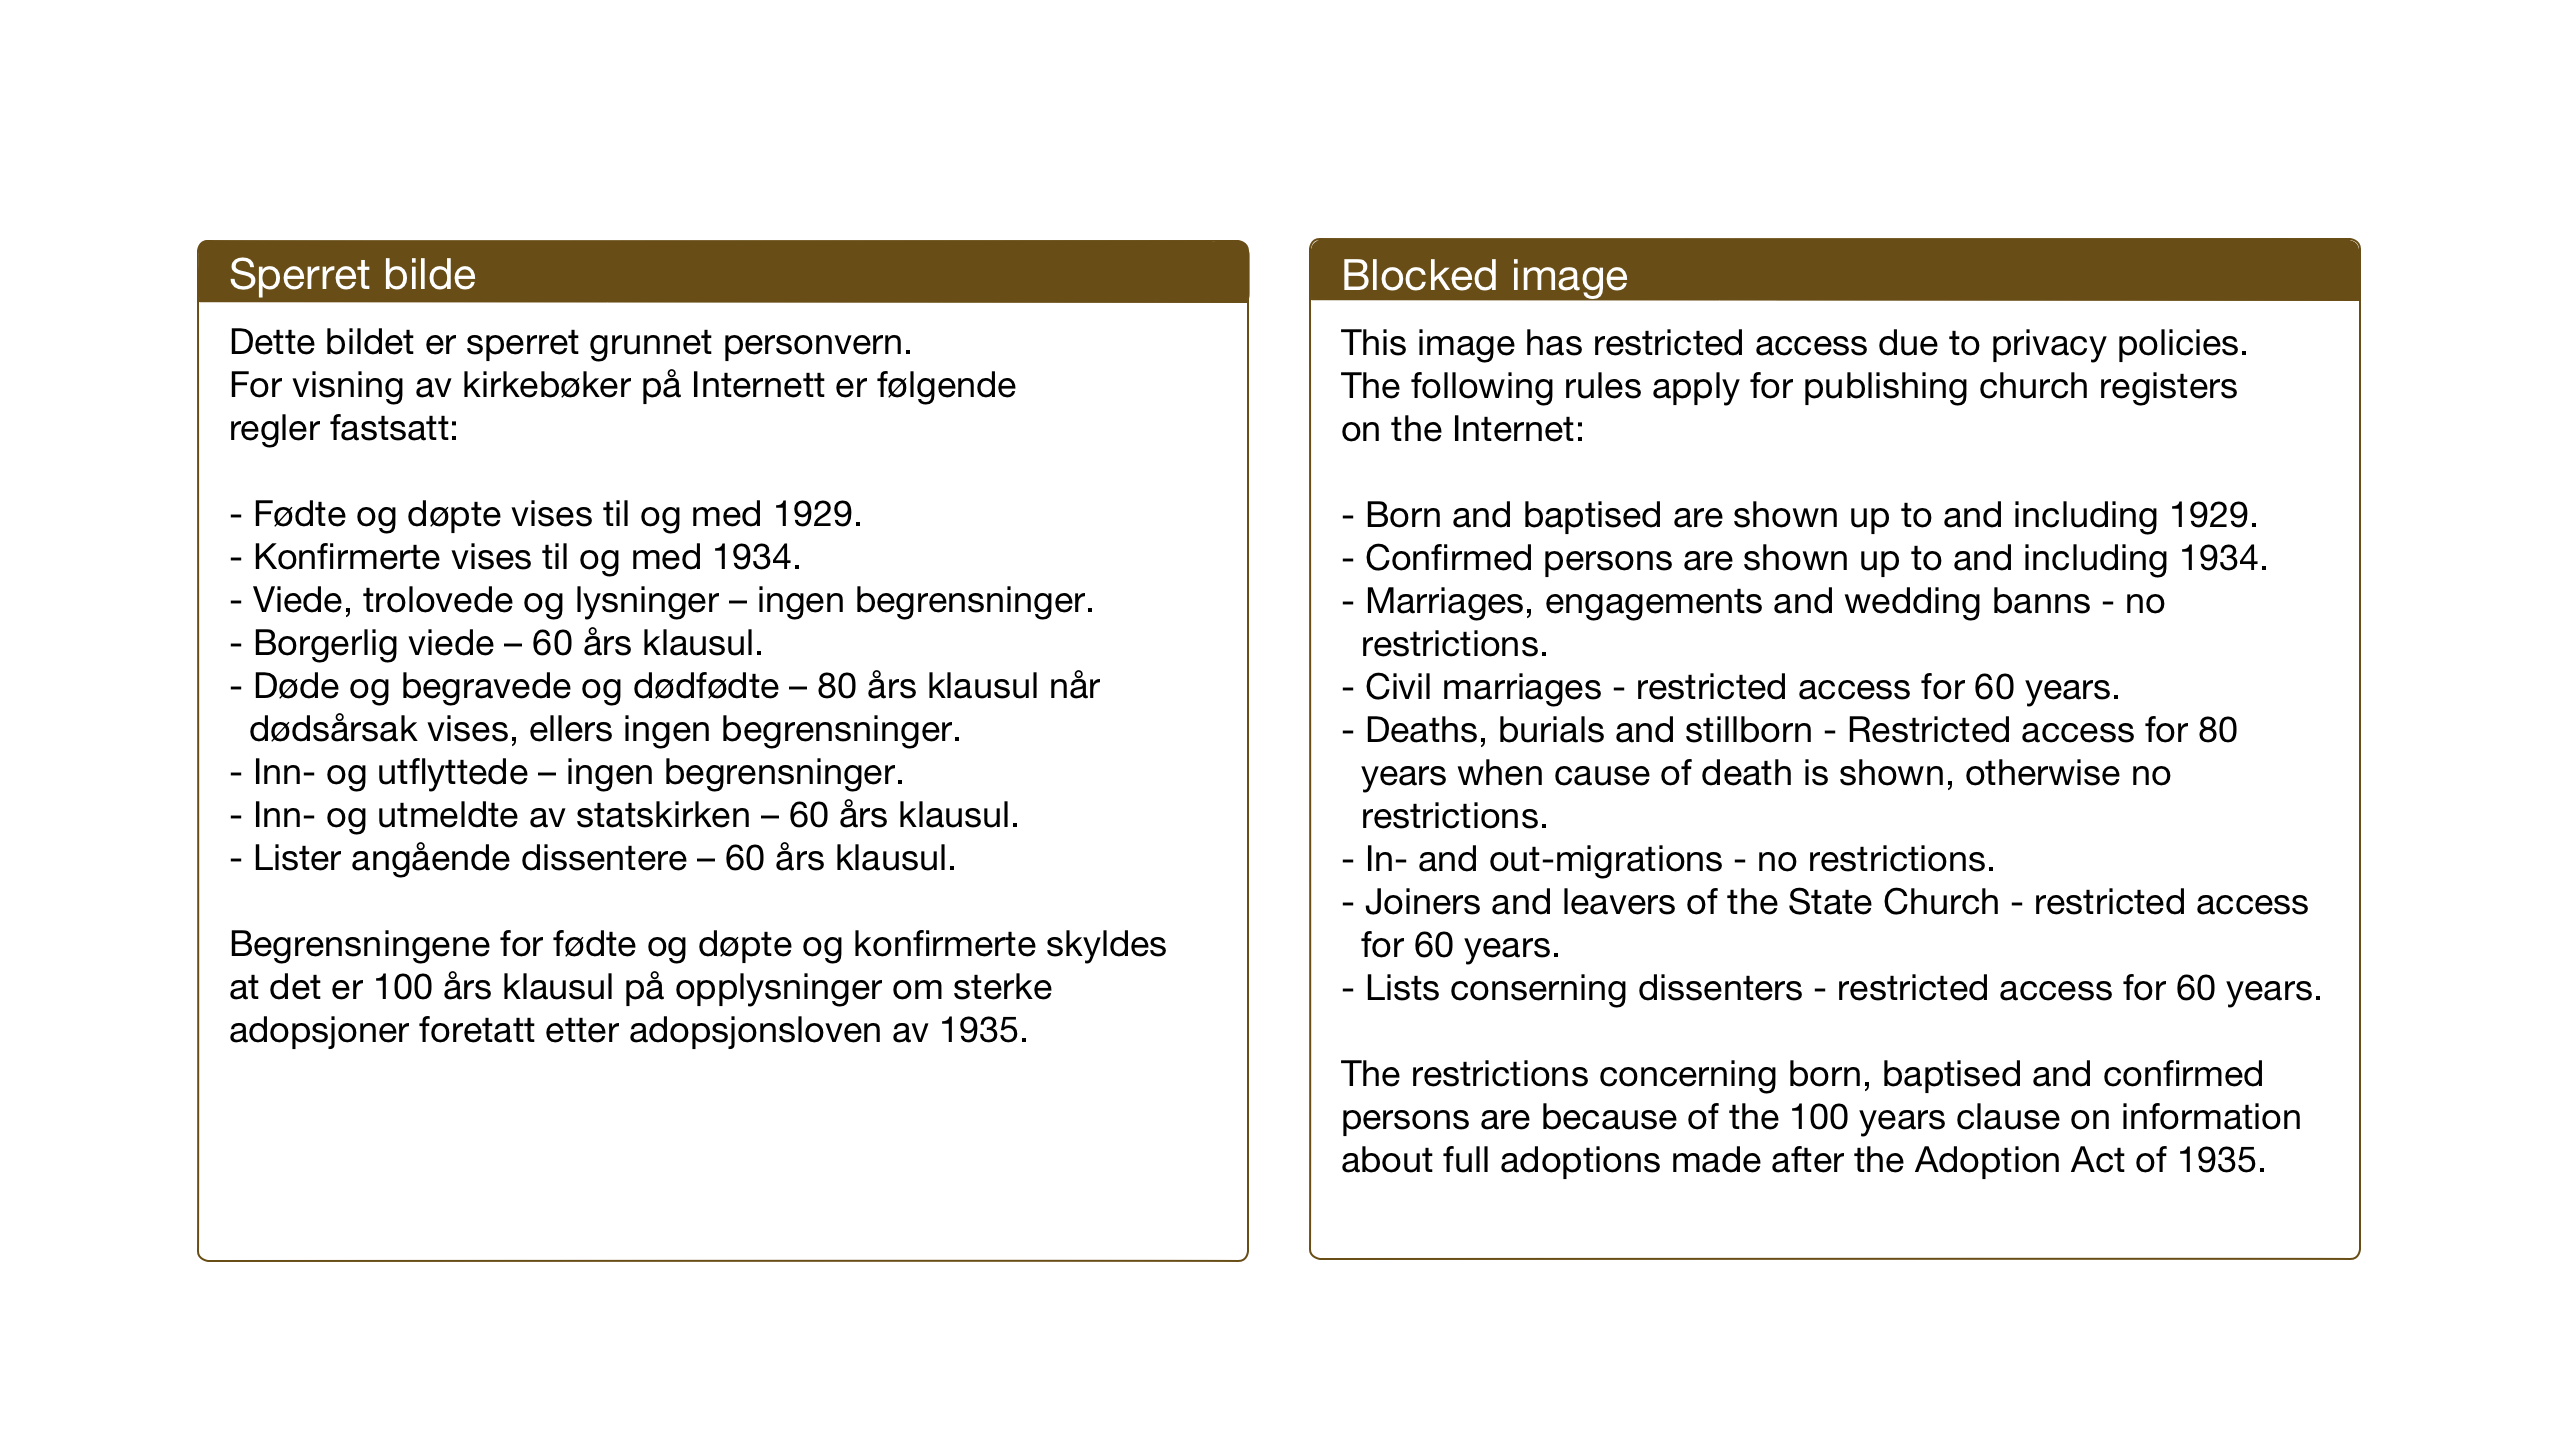 SAT, Ministerialprotokoller, klokkerbøker og fødselsregistre - Sør-Trøndelag, 640/L0590: Klokkerbok nr. 640C07, 1935-1948, s. 221